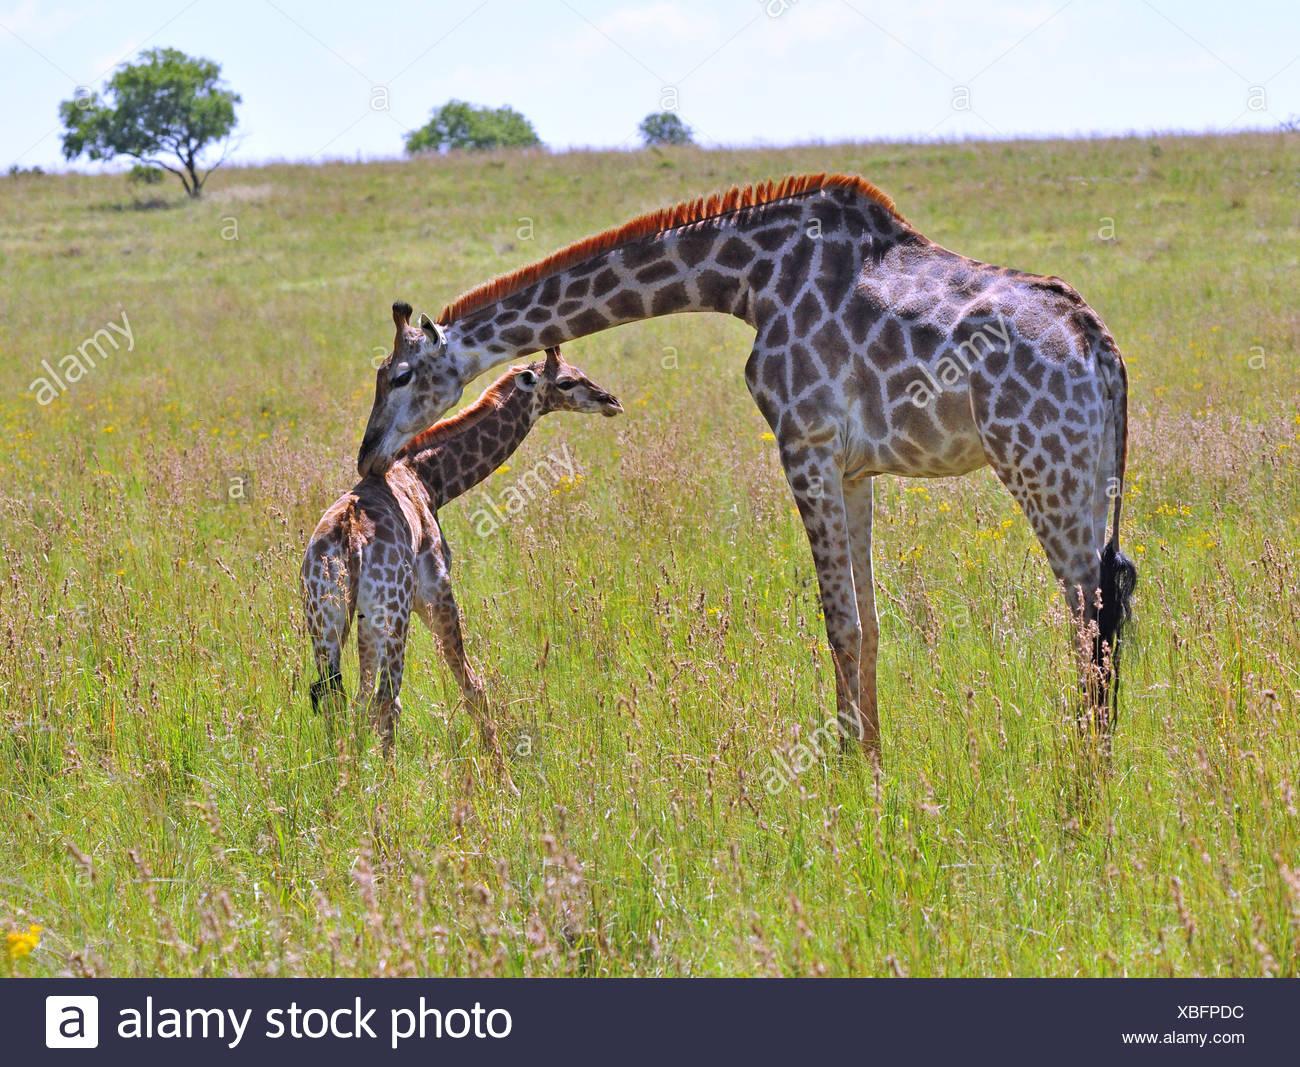 Weibliche Giraffe in Afrika mit einem Kalb. Stockbild